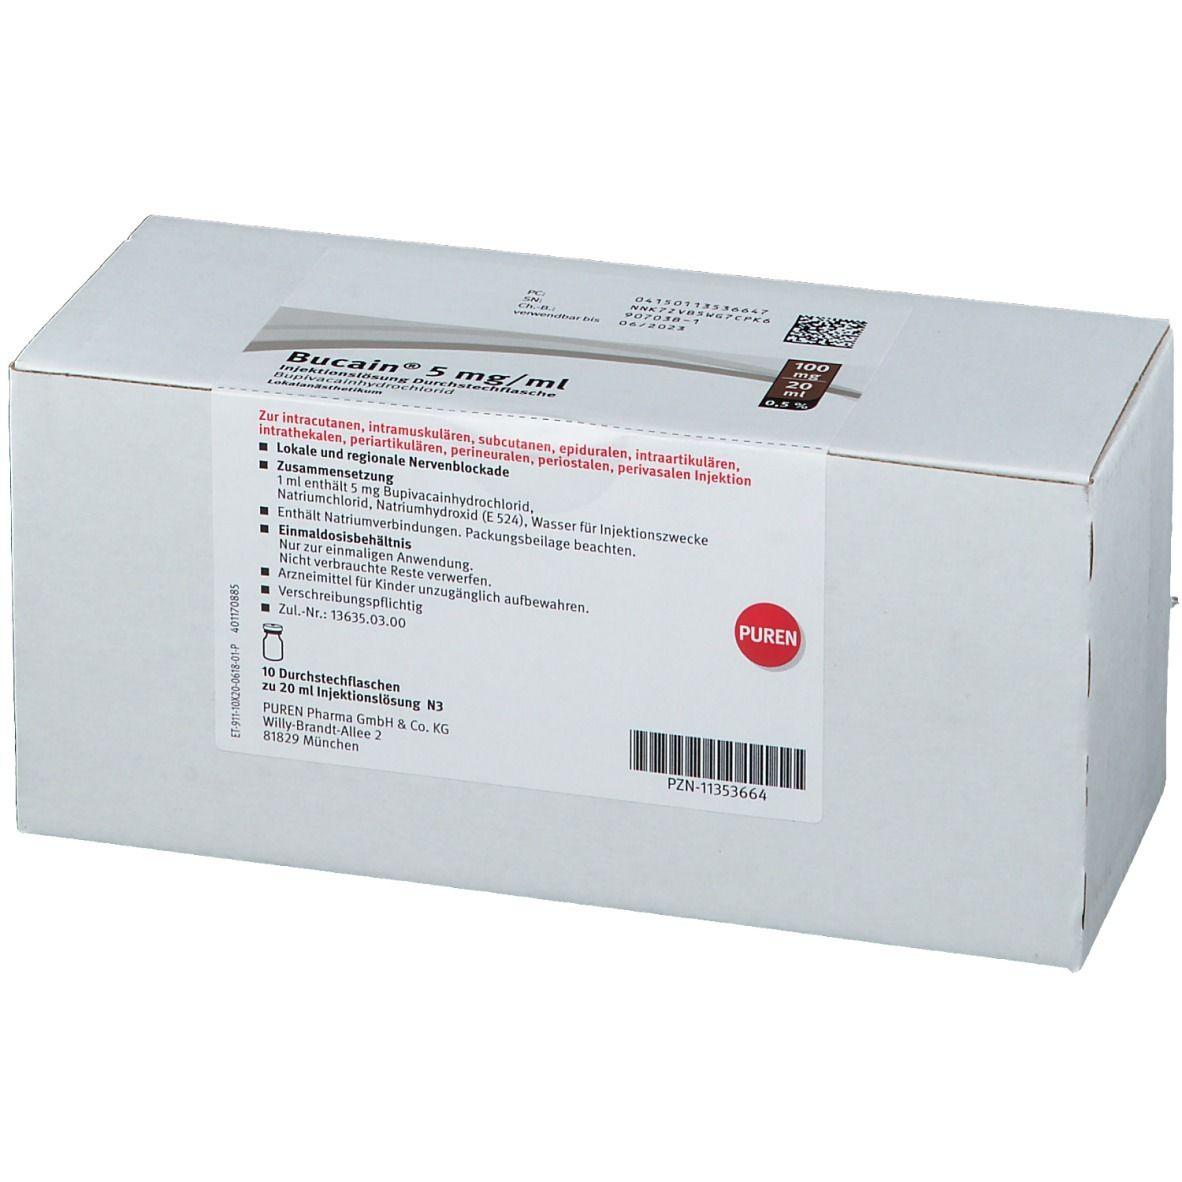 BUCAIN 0,5% 5mg/ml Inj.L.100mg/20ml Dsfl.